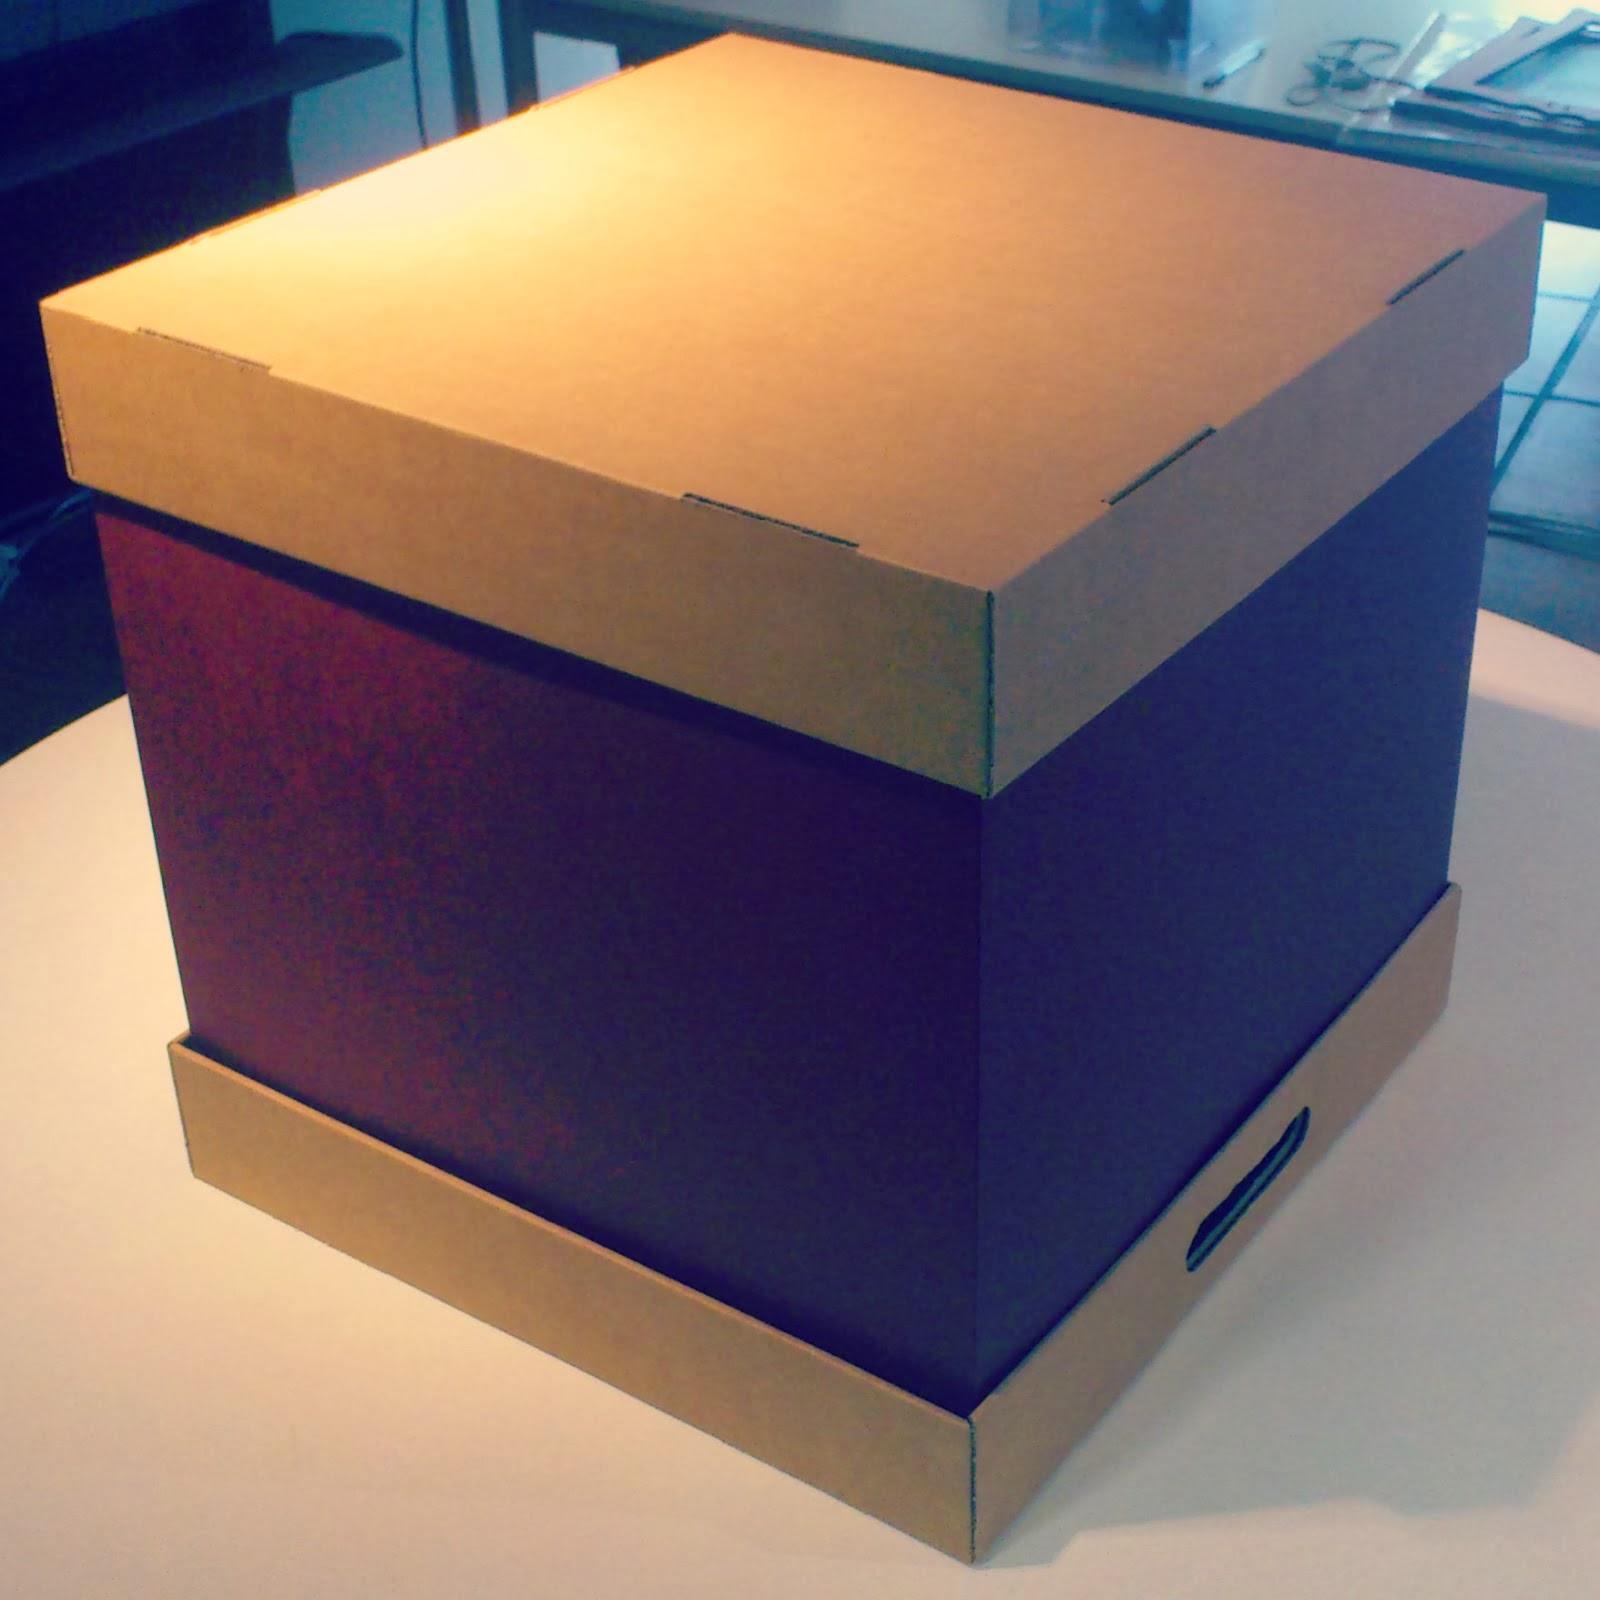 boîte à gâteux de grandes dimensions, boîte pour grandes tartes, boîte pour grands gâteaux, boîte pour un gâteaux de grandes dimensions, boîte à gâteaux géante